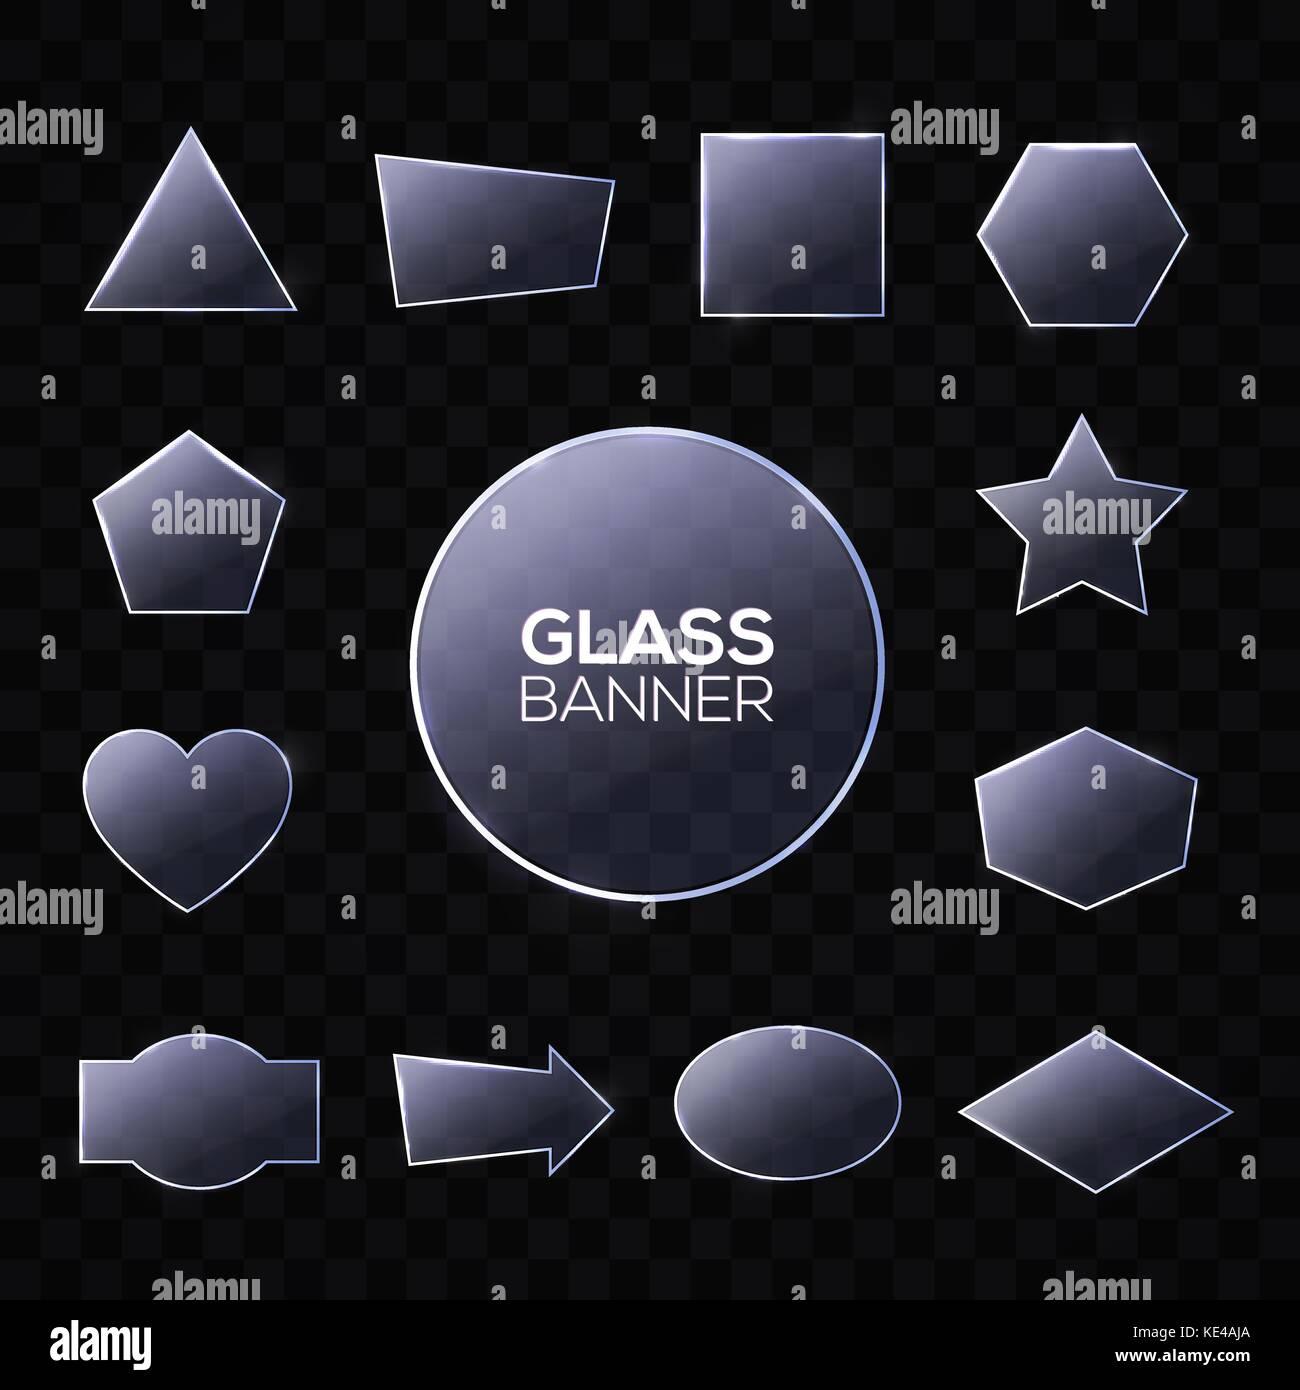 Frames Glass Stockfotos & Frames Glass Bilder - Seite 2 - Alamy